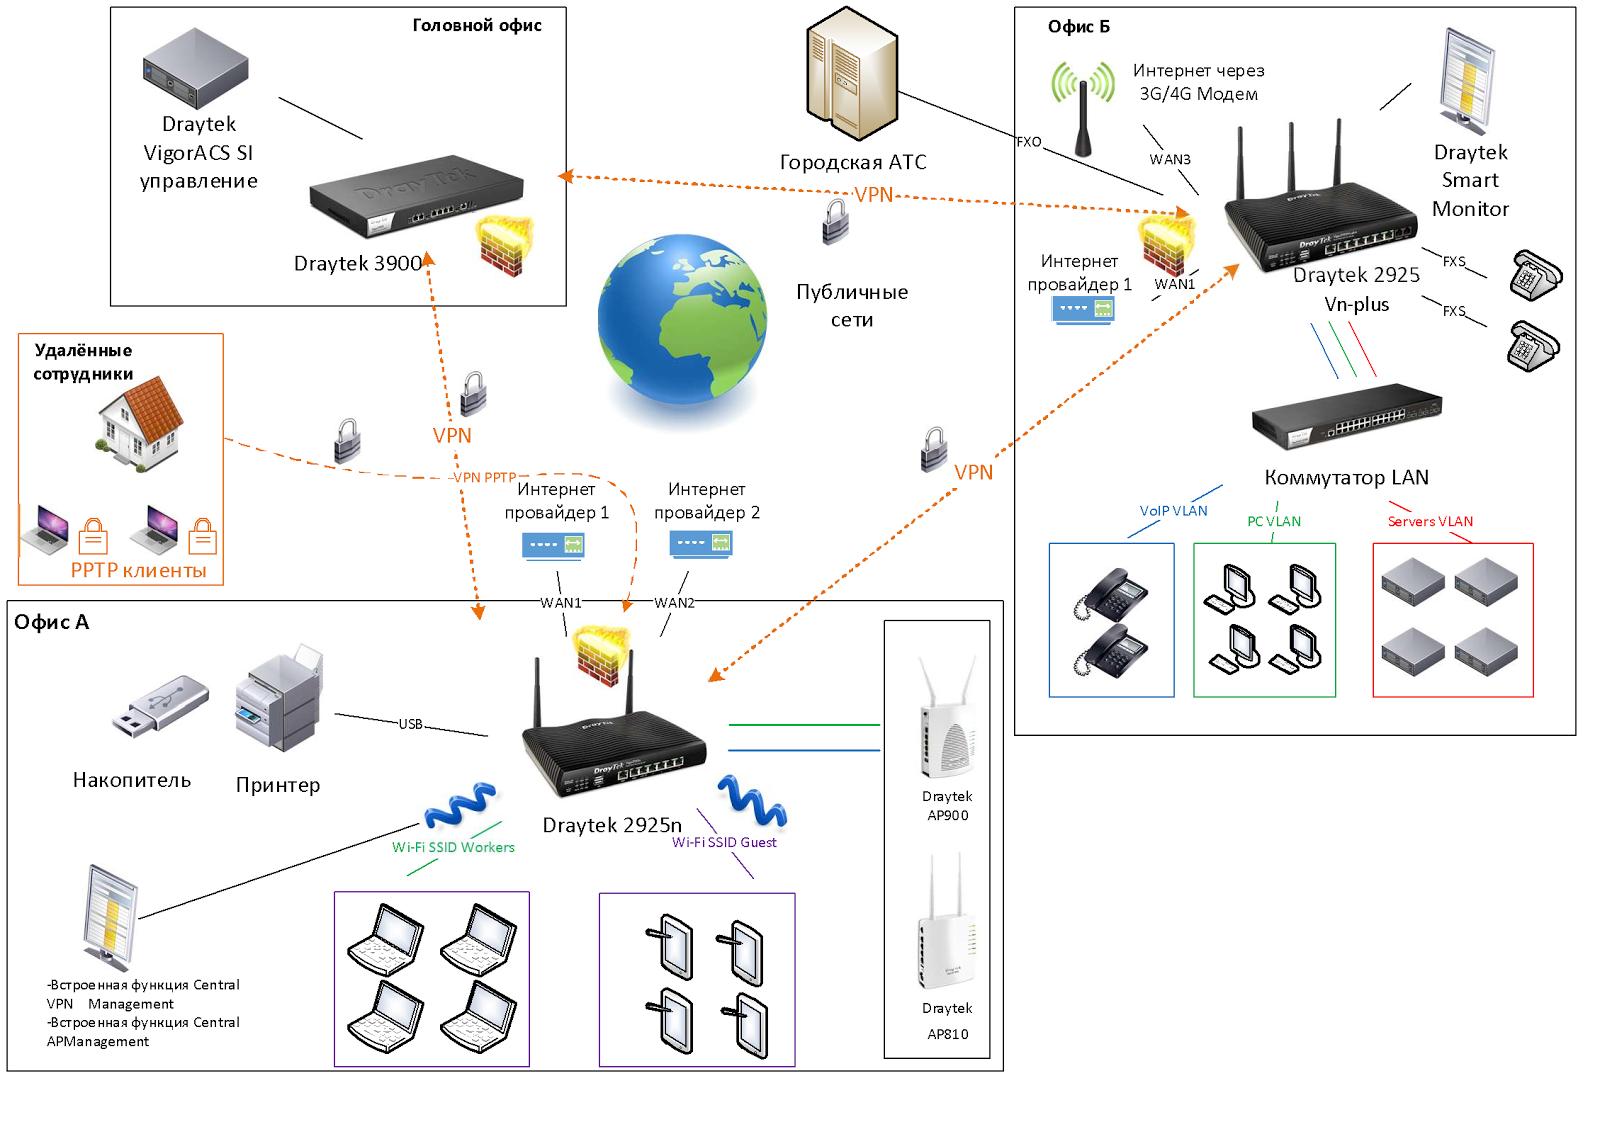 Обзор маршрутизатора Draytek серии 2925. Часть первая: общий обзор, характеристики и тесты - 2